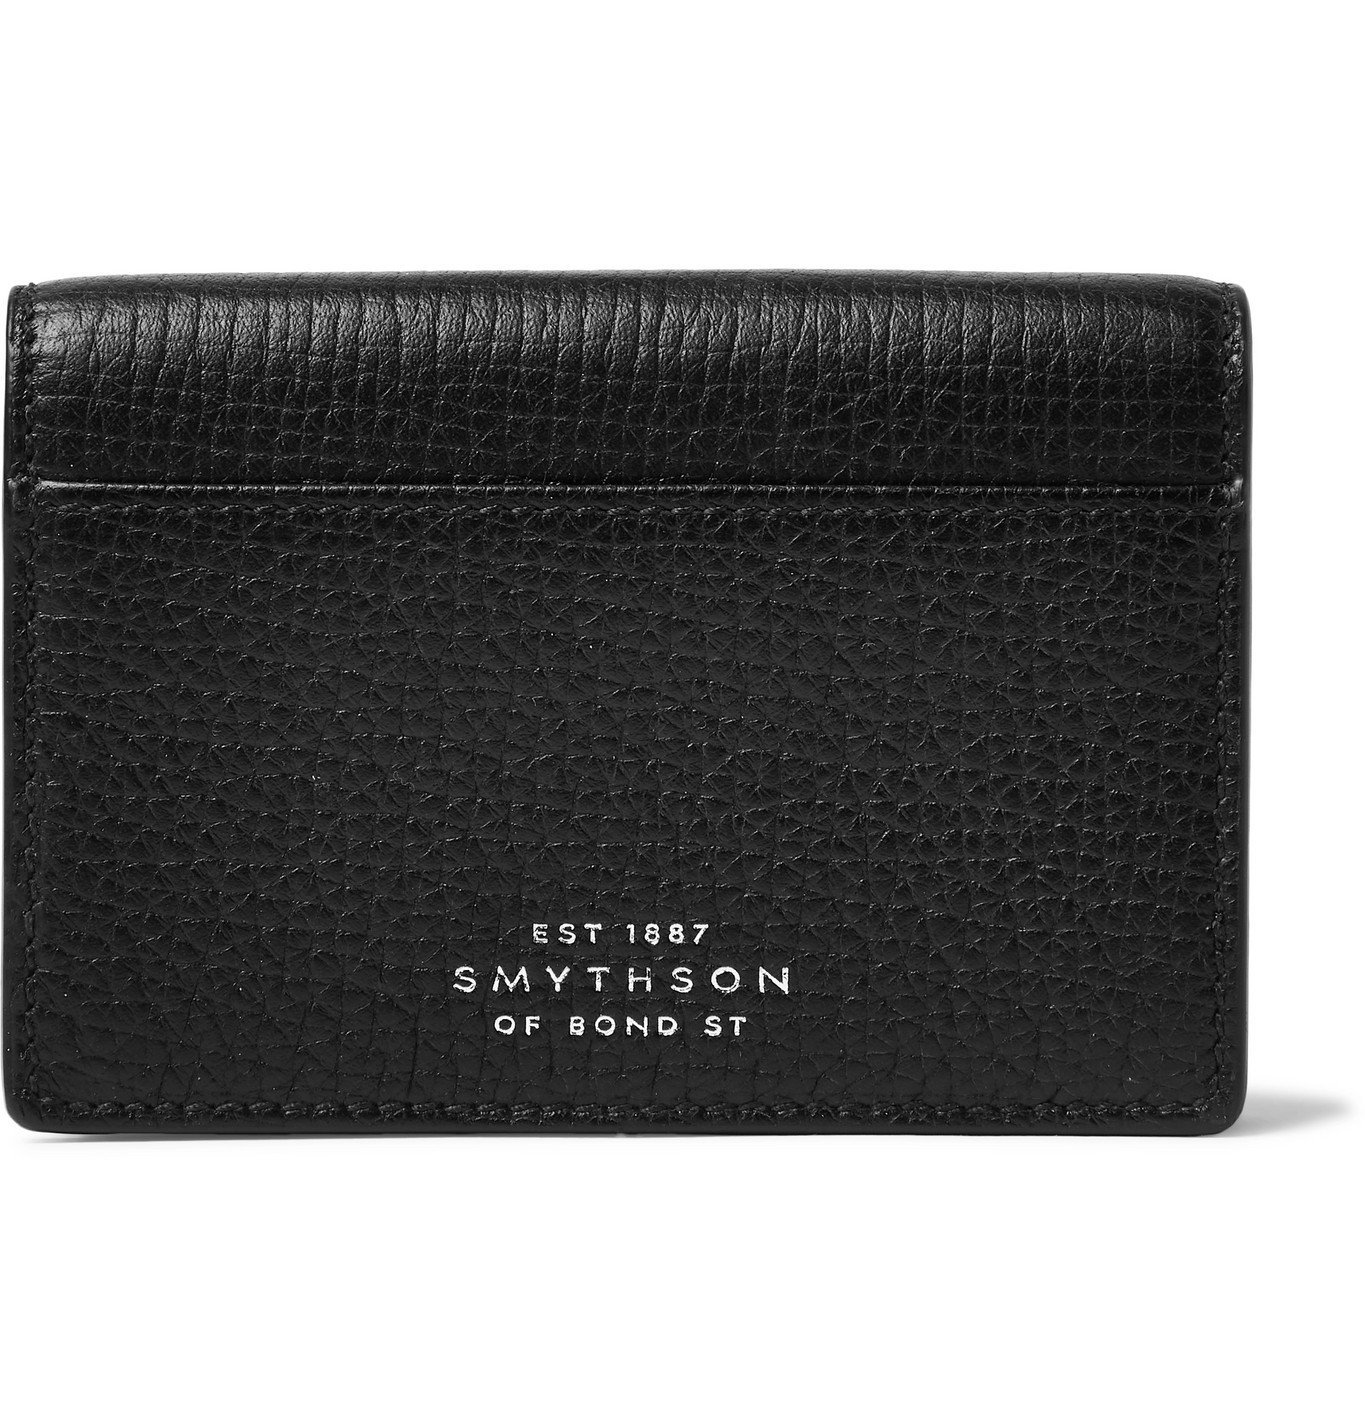 Smythson - Full-Grain Leather Bifold Cardholder - Black